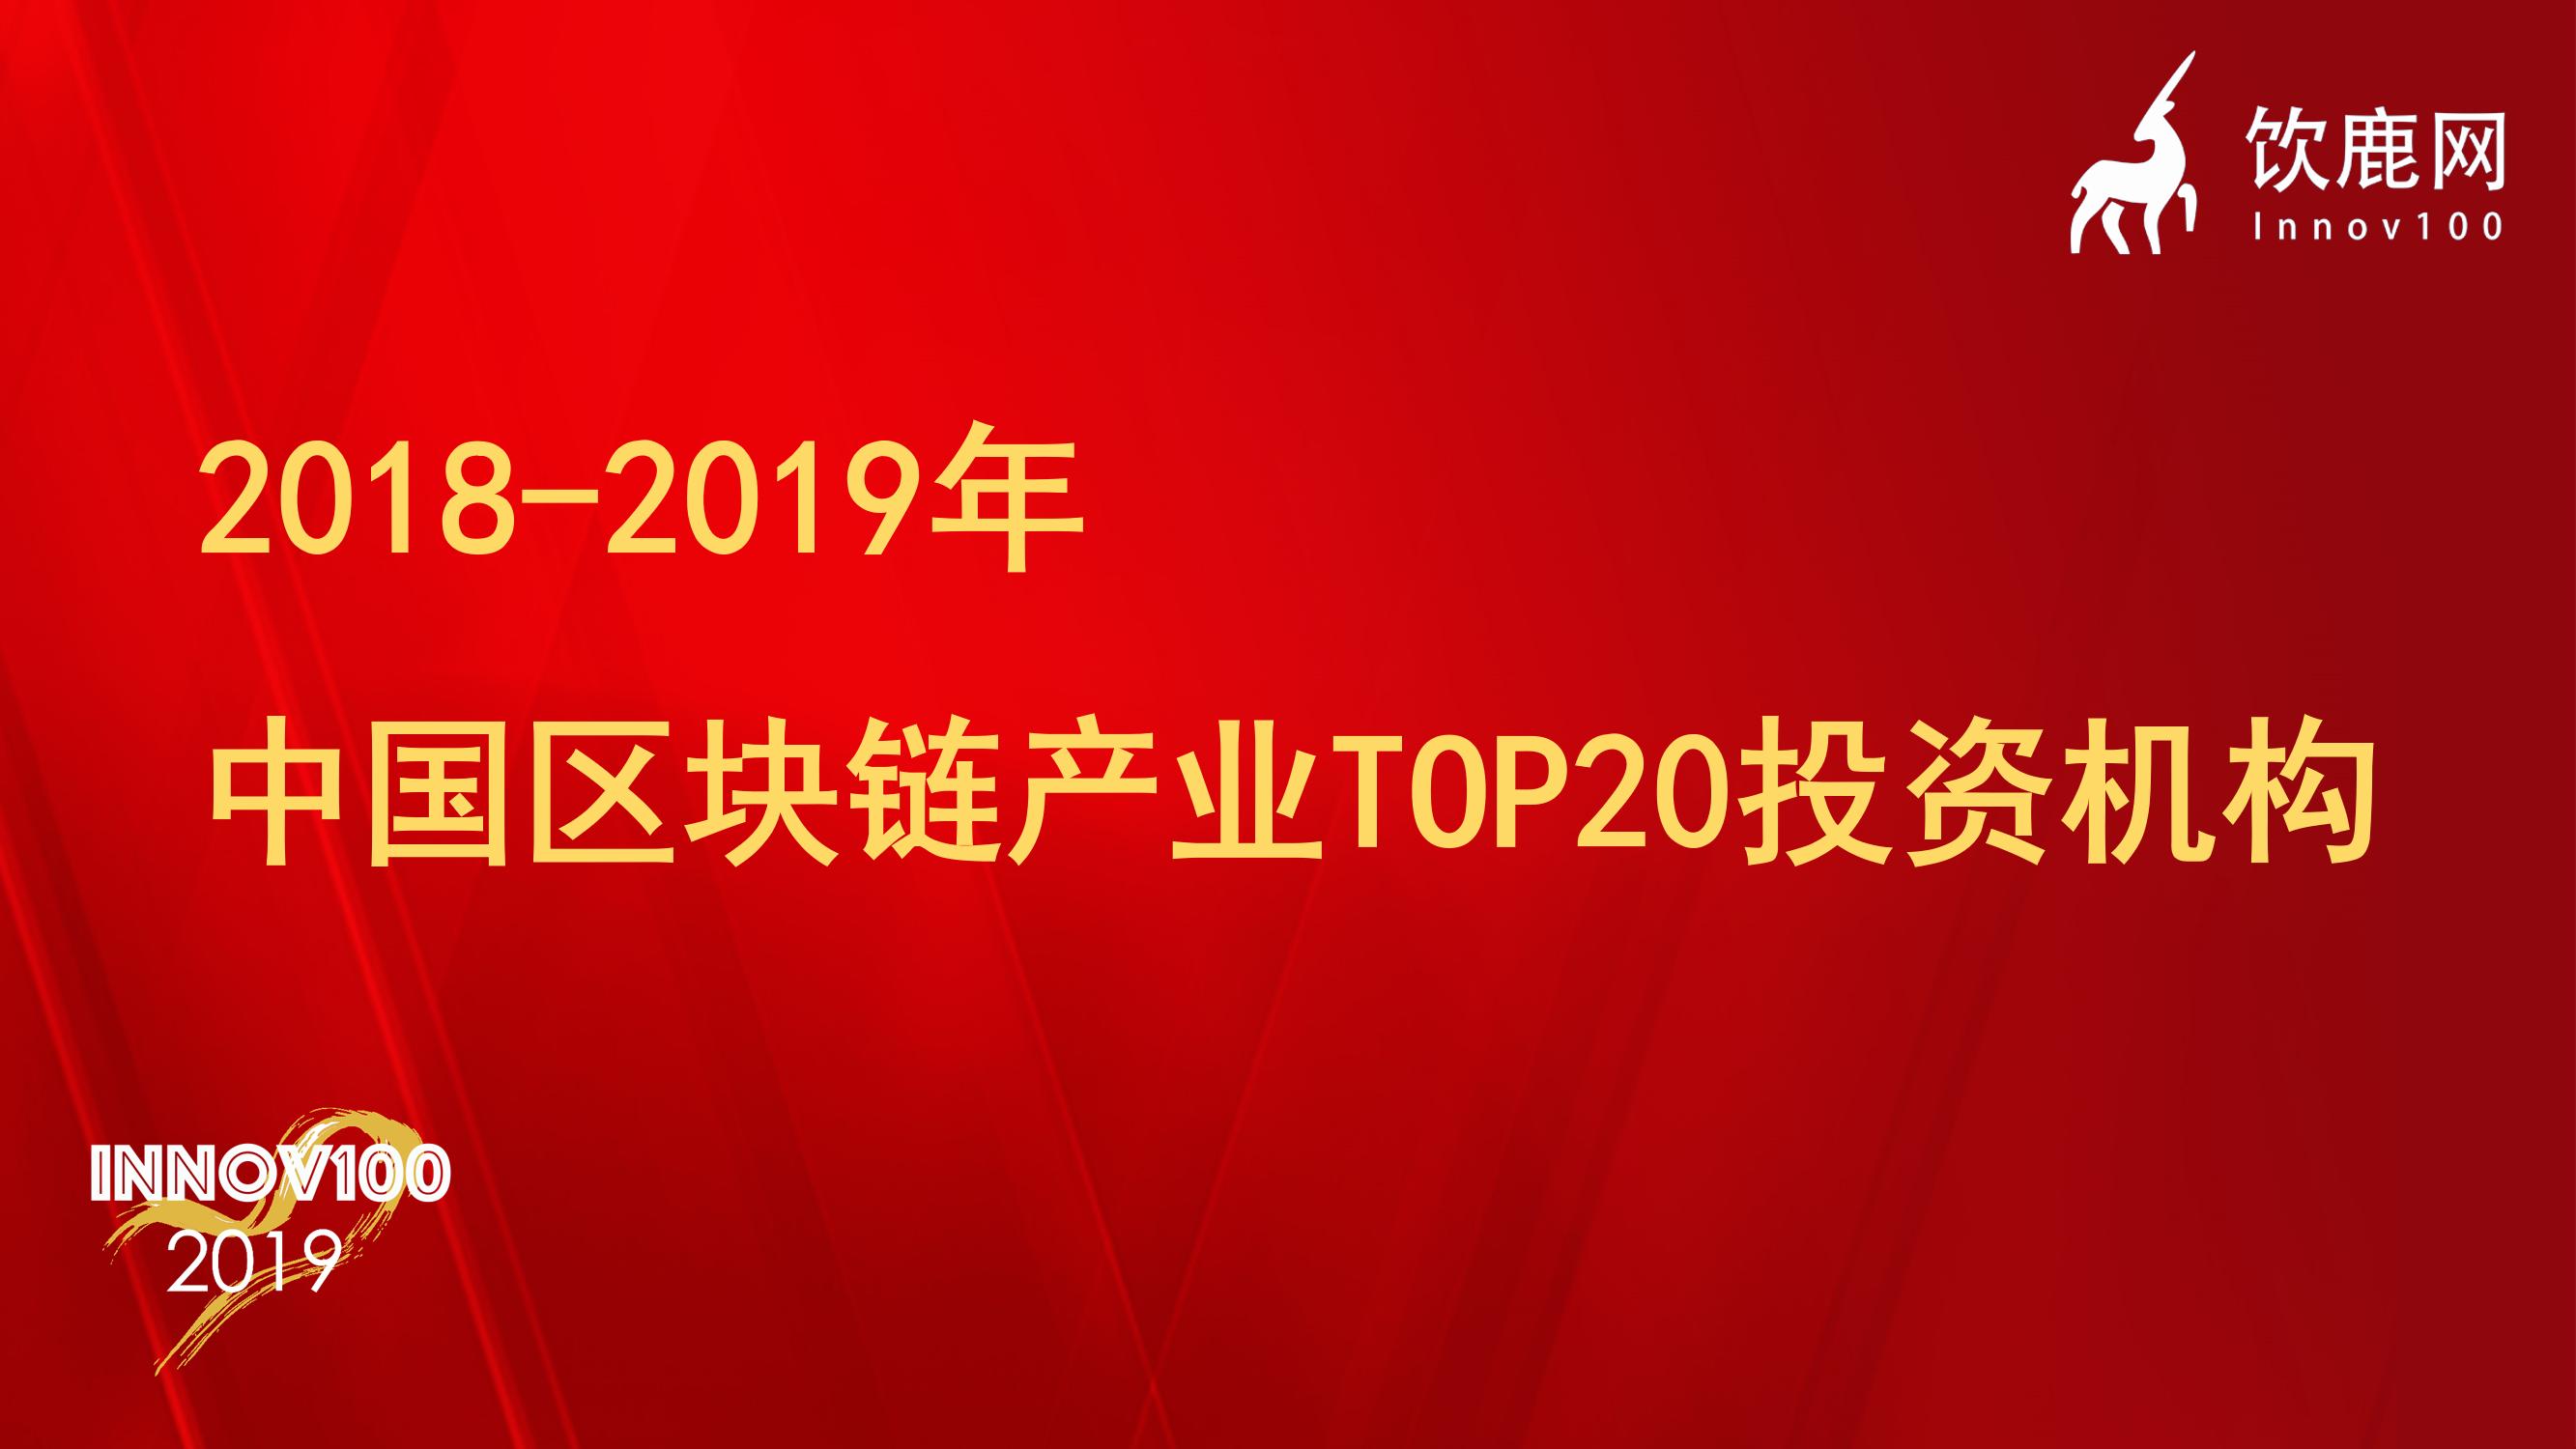 饮鹿网2018-2019年中国区块链产业TOP20投资机构榜单发布!